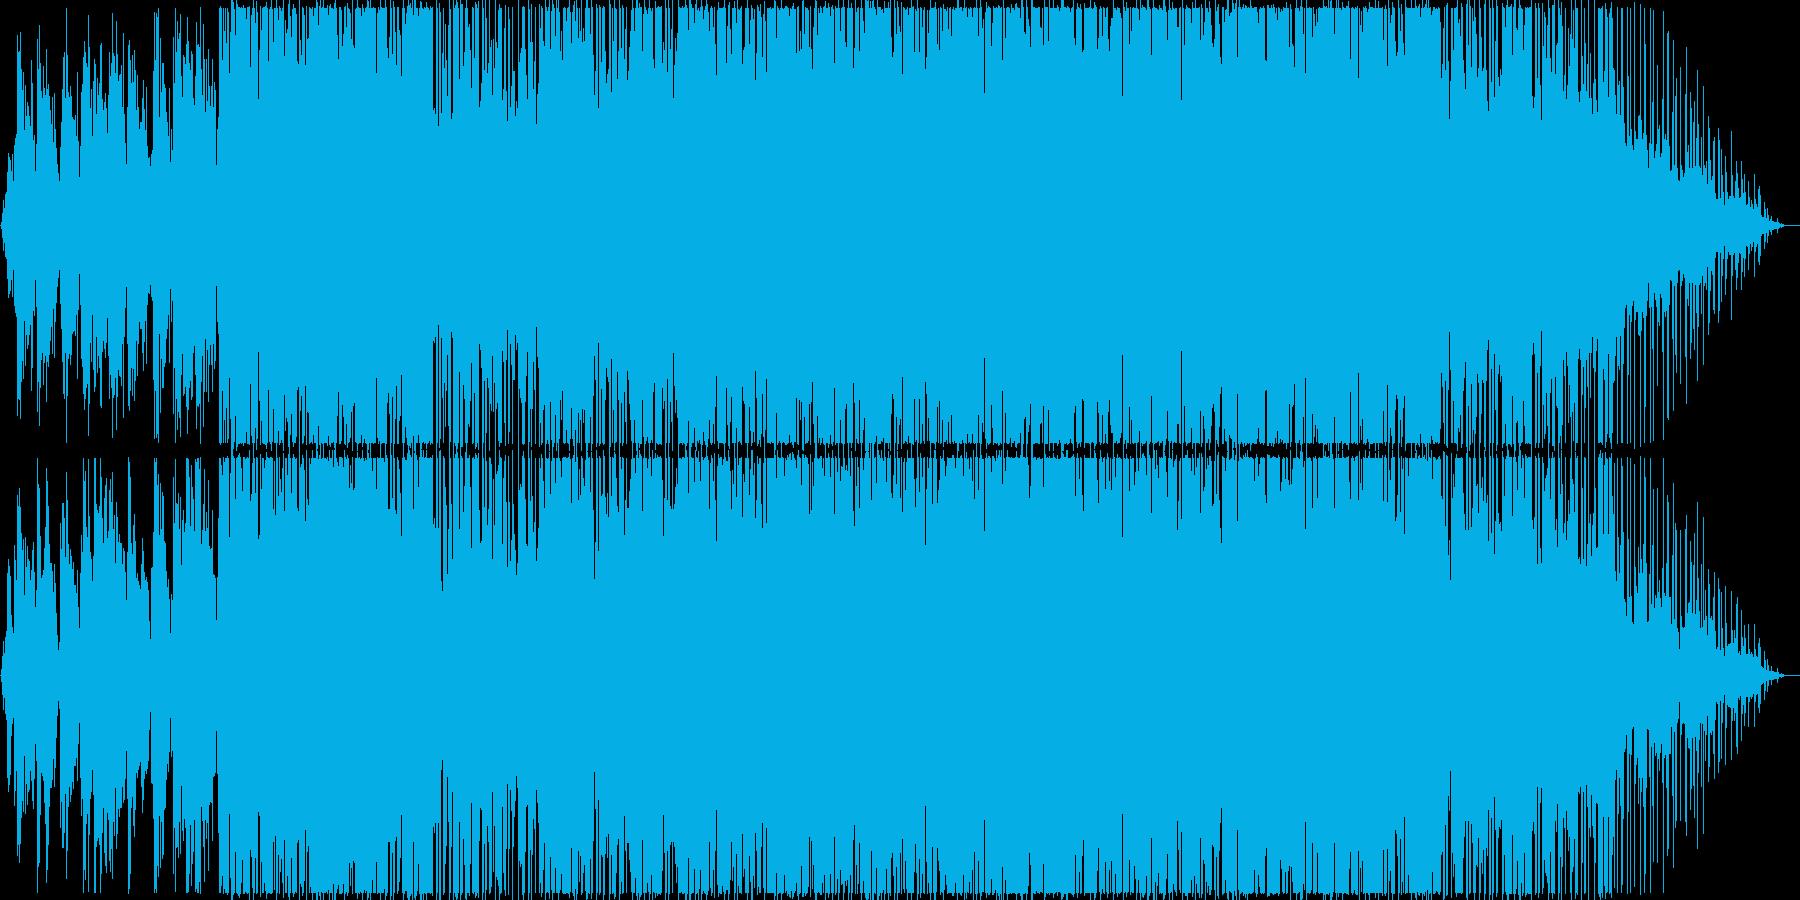 優しく切ないミディアムテンポR&Bポップの再生済みの波形